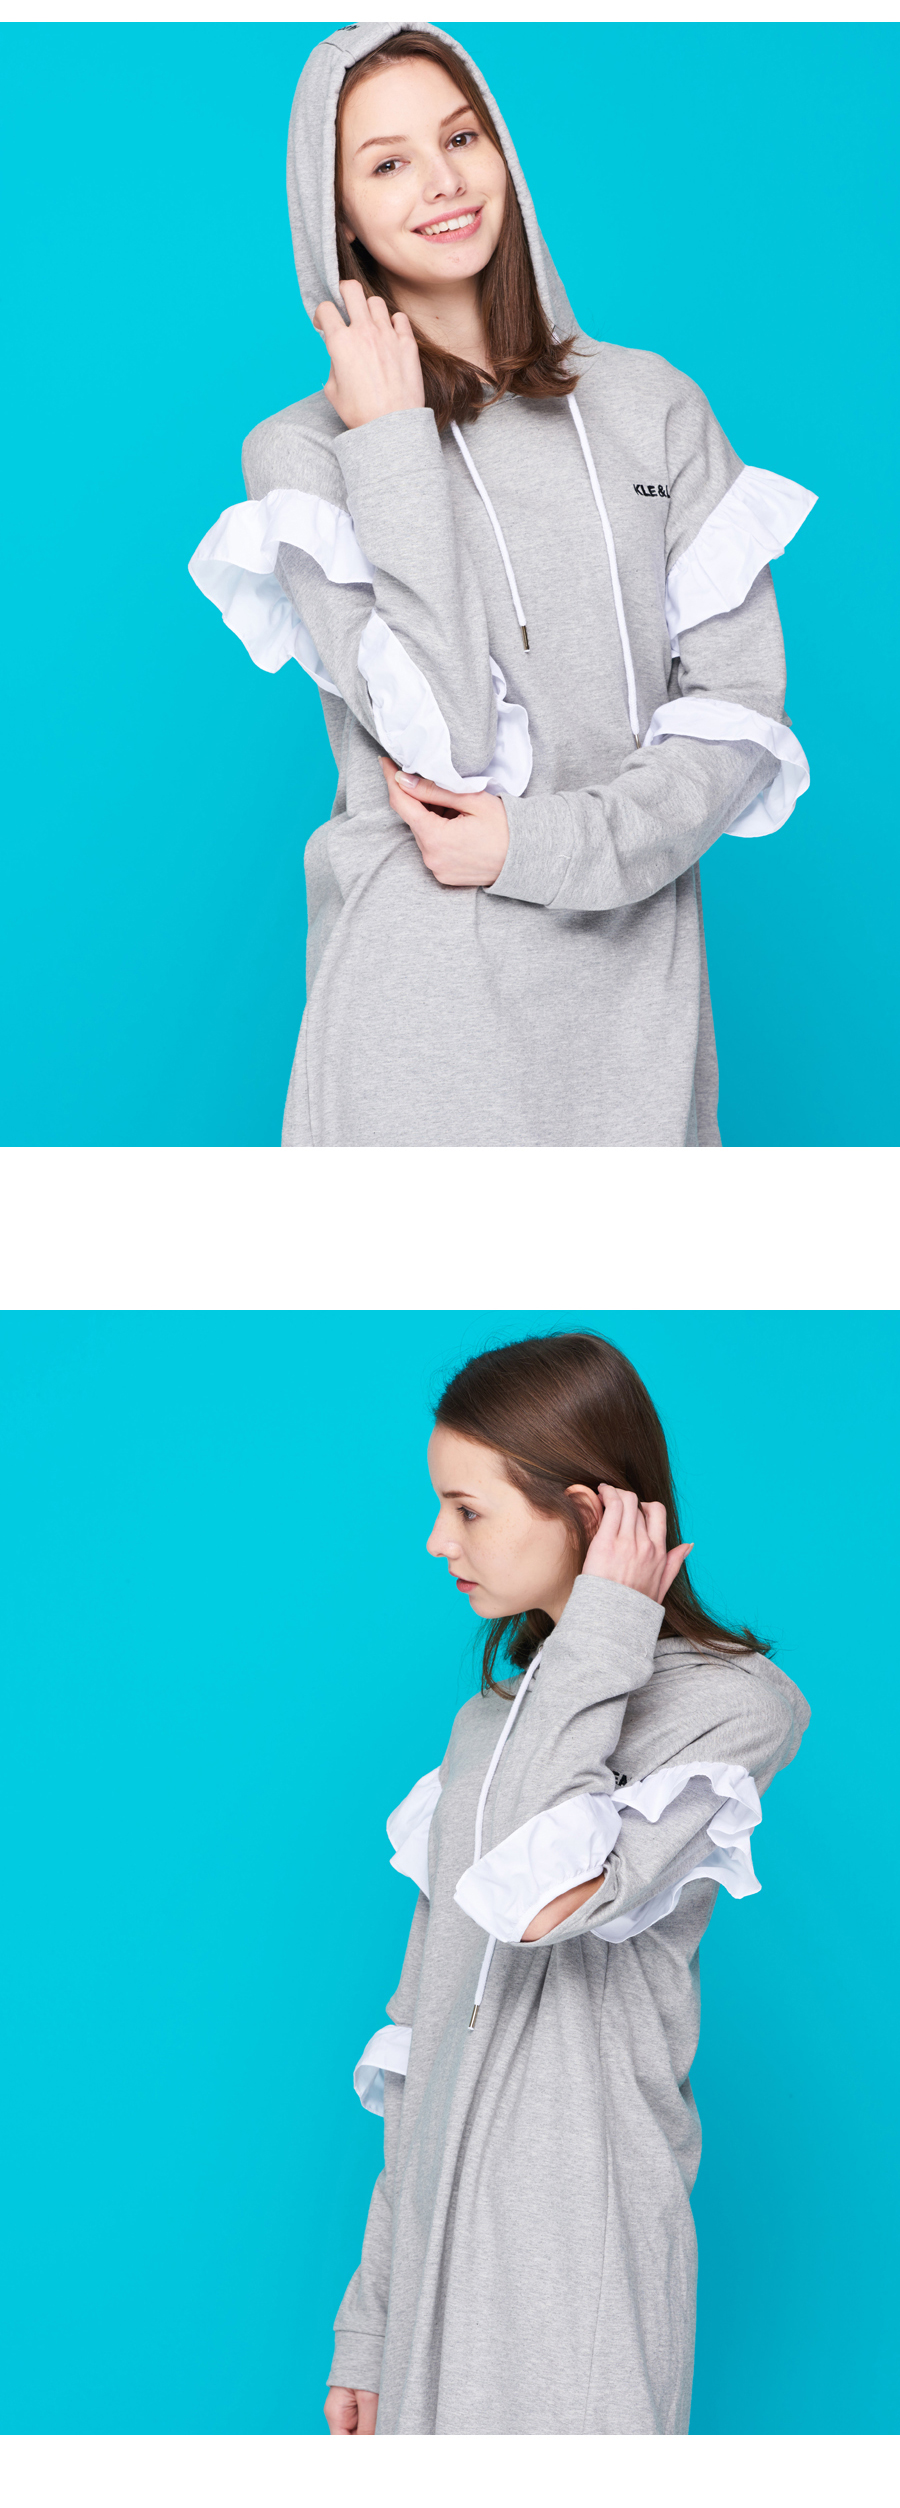 프릴 원피스 페미닌  맨투맨 후드티 FRILL ONE-PIECE HOODIE_06 - 클앤립, 39,000원, 스트릿패션, 후드티/집업